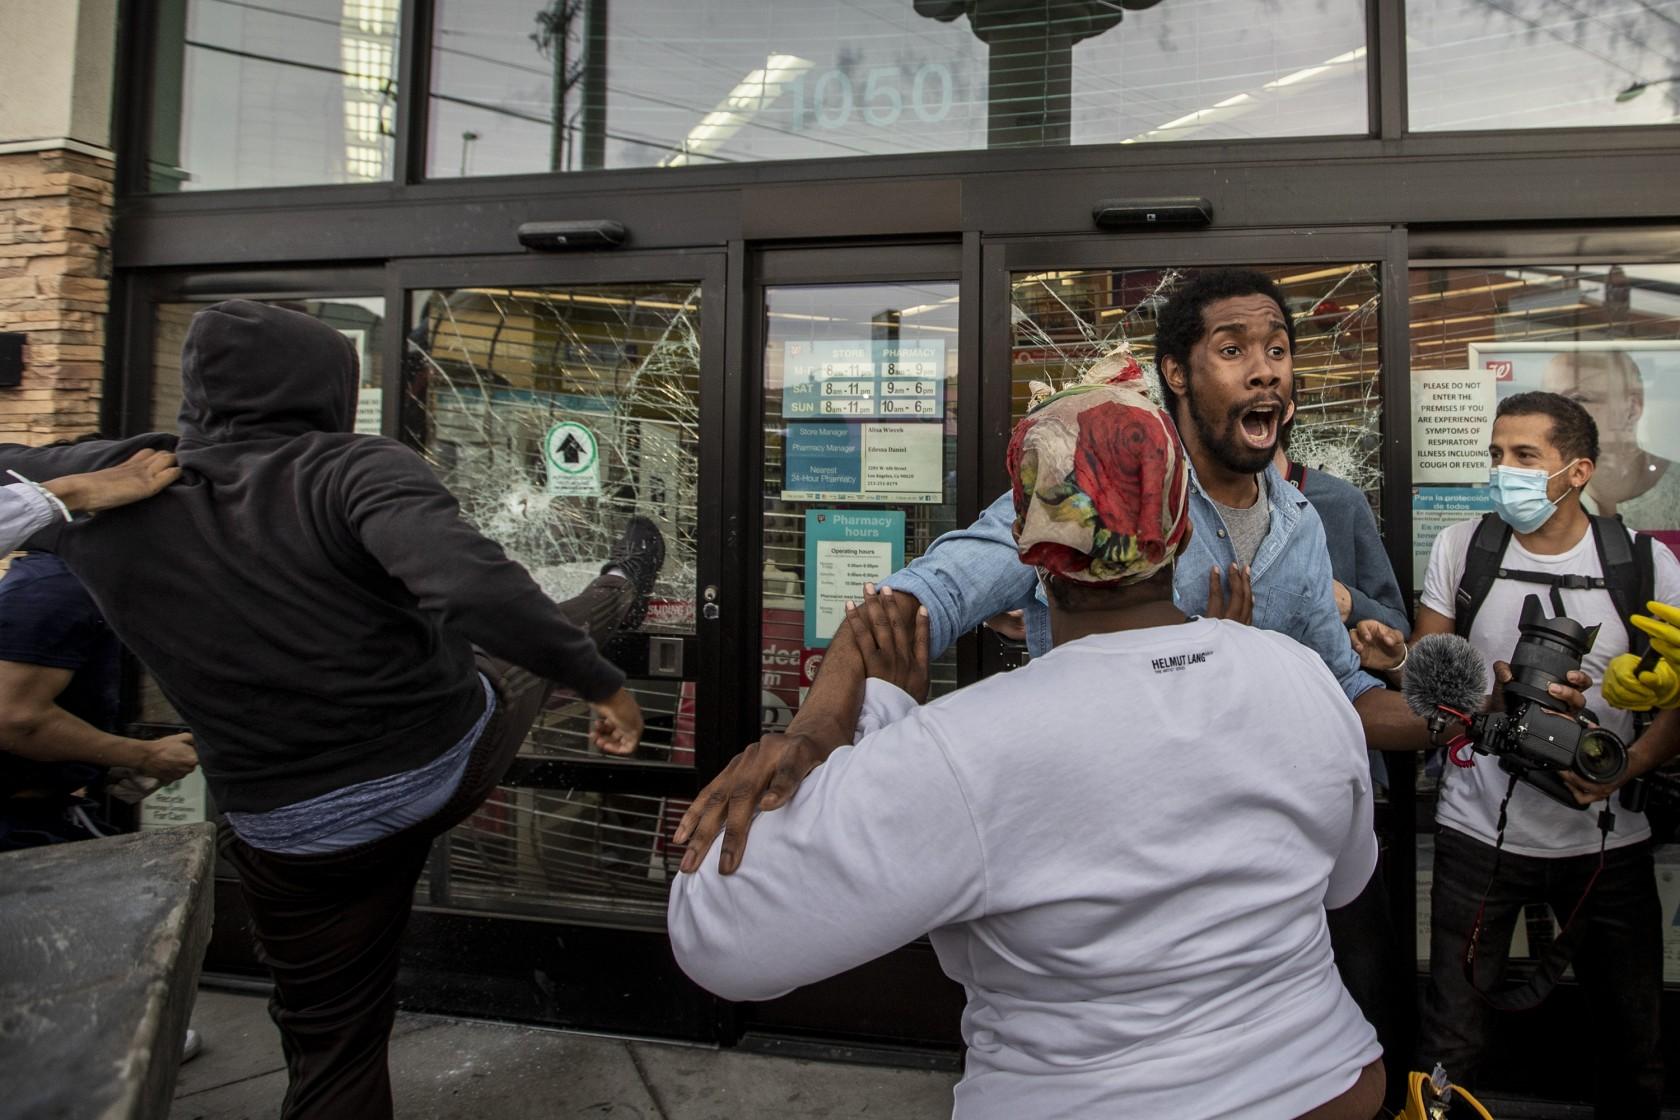 衛生官員呼籲抗議民眾保持6呎社交距離,戴上口罩,以遏止疫情擴散。洛杉磯時報